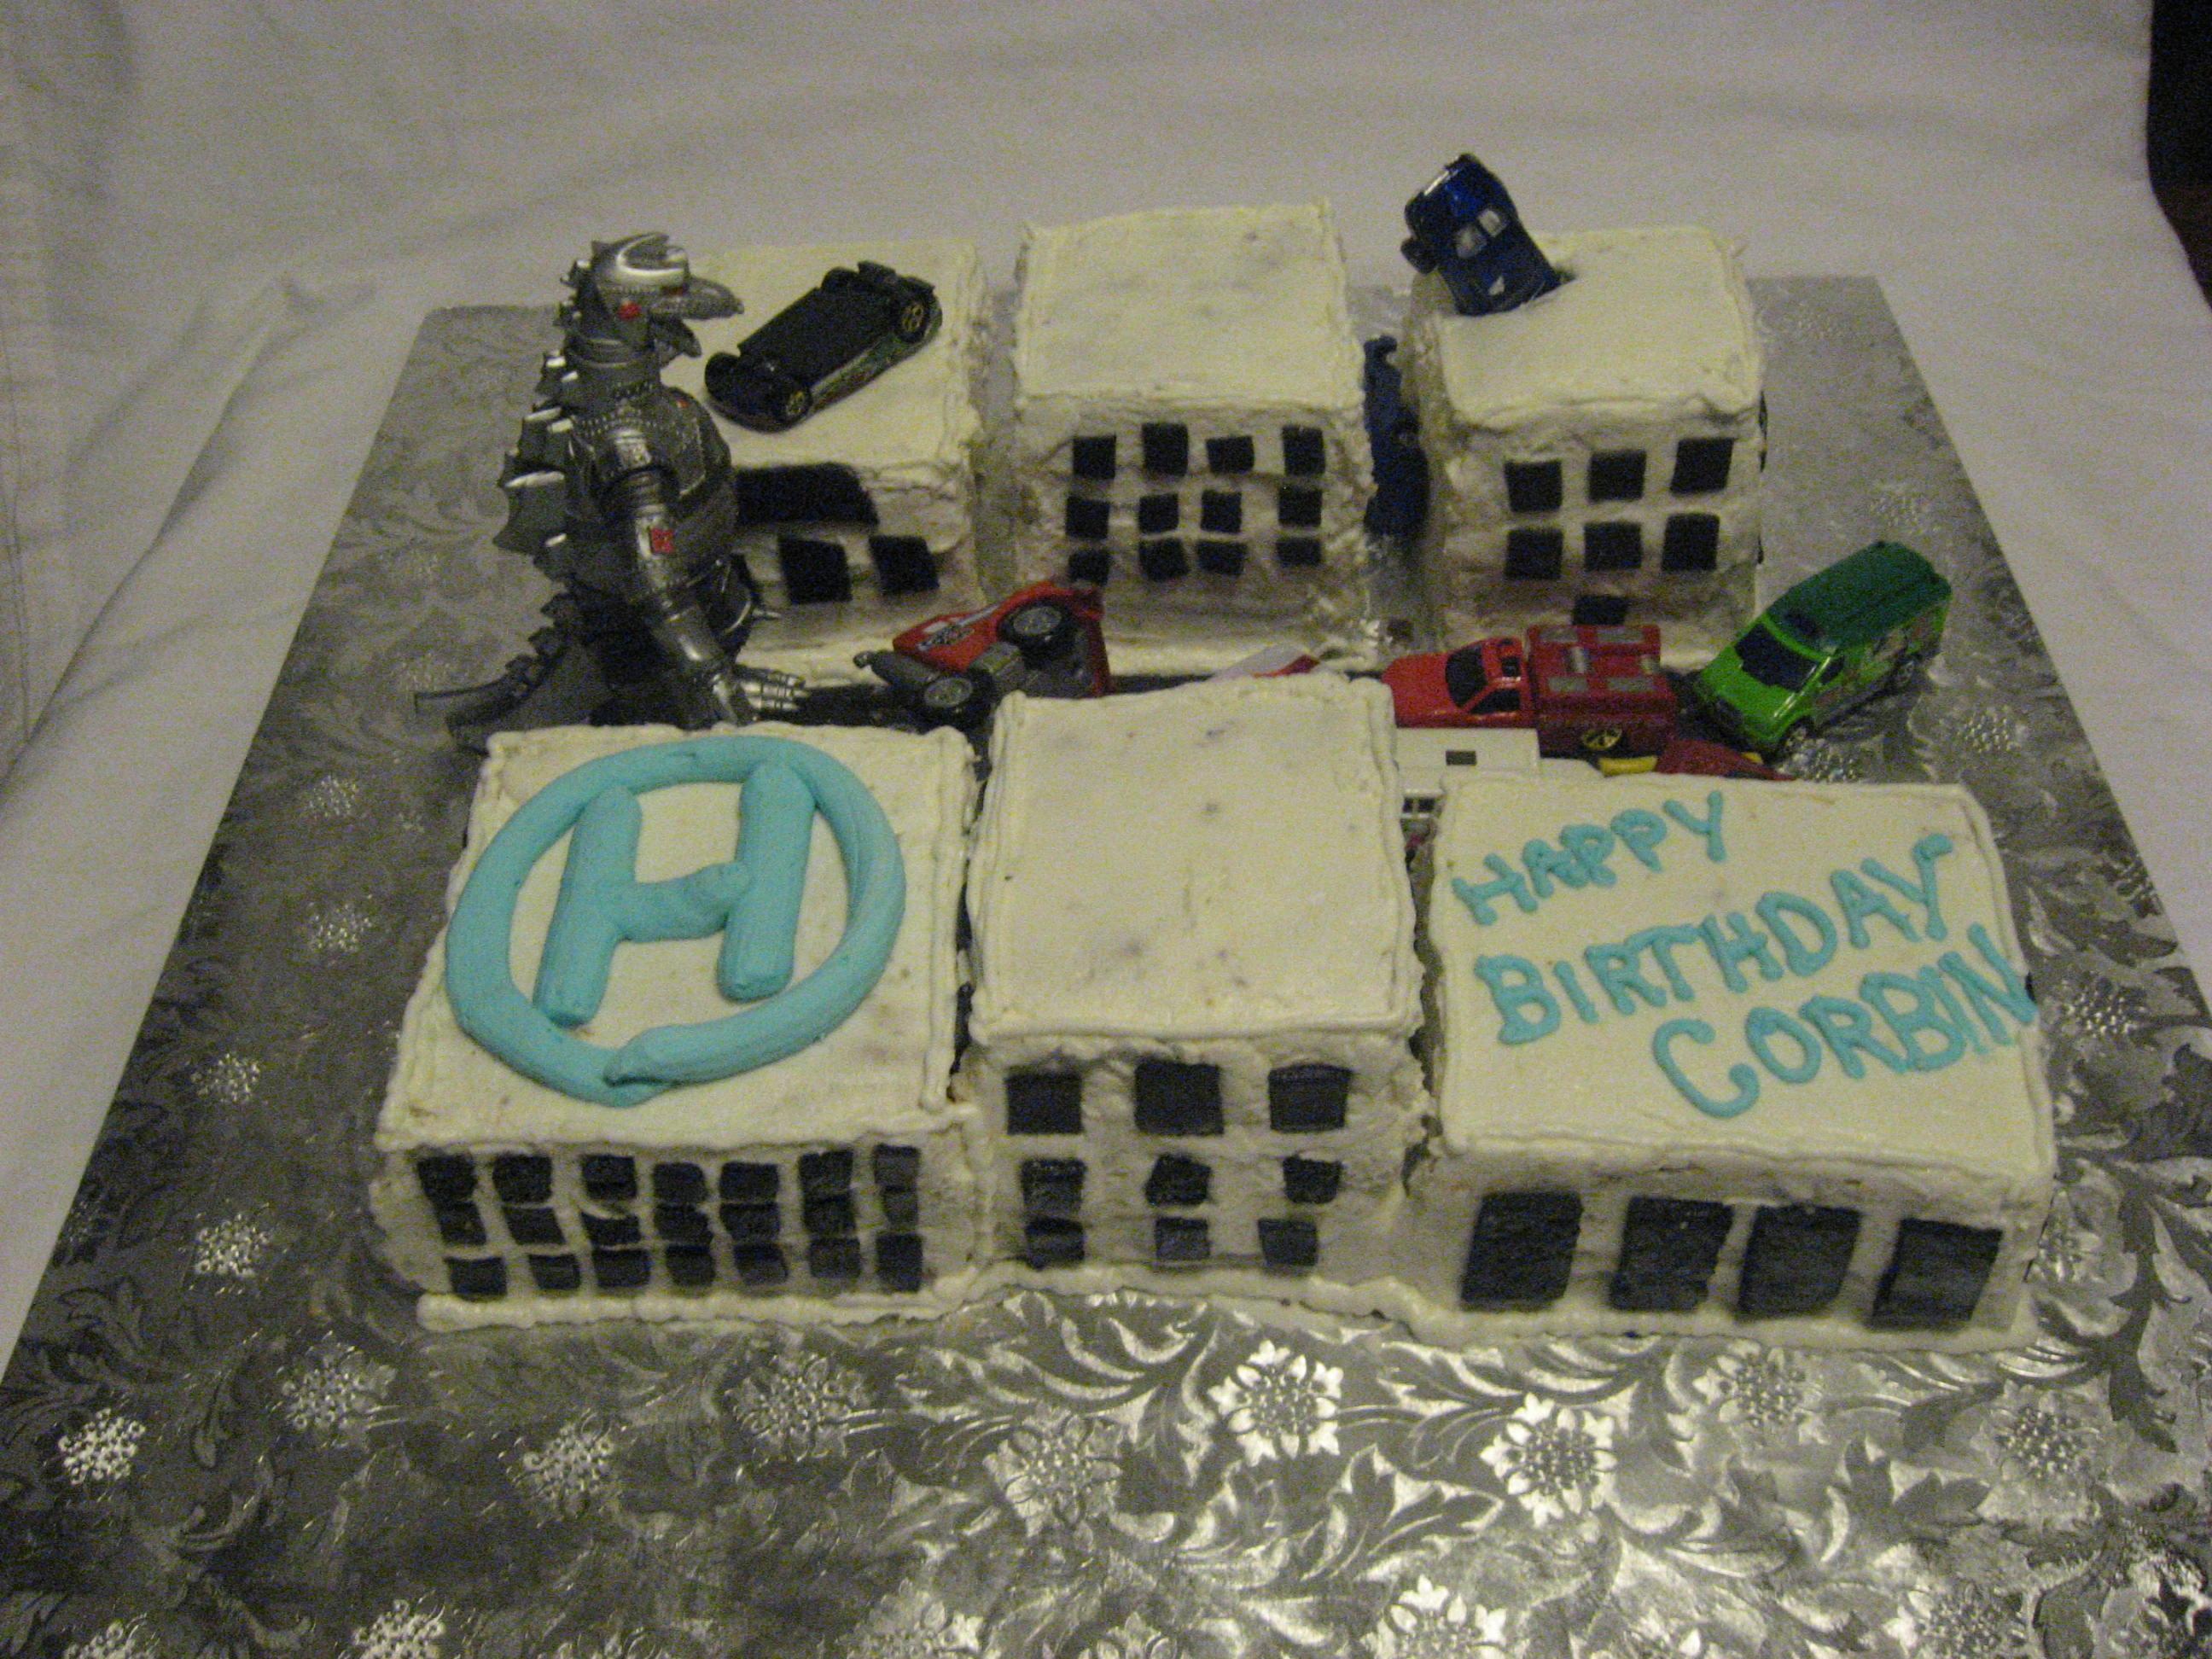 Godzilla Cake Ideas Bear Heart Baking Company